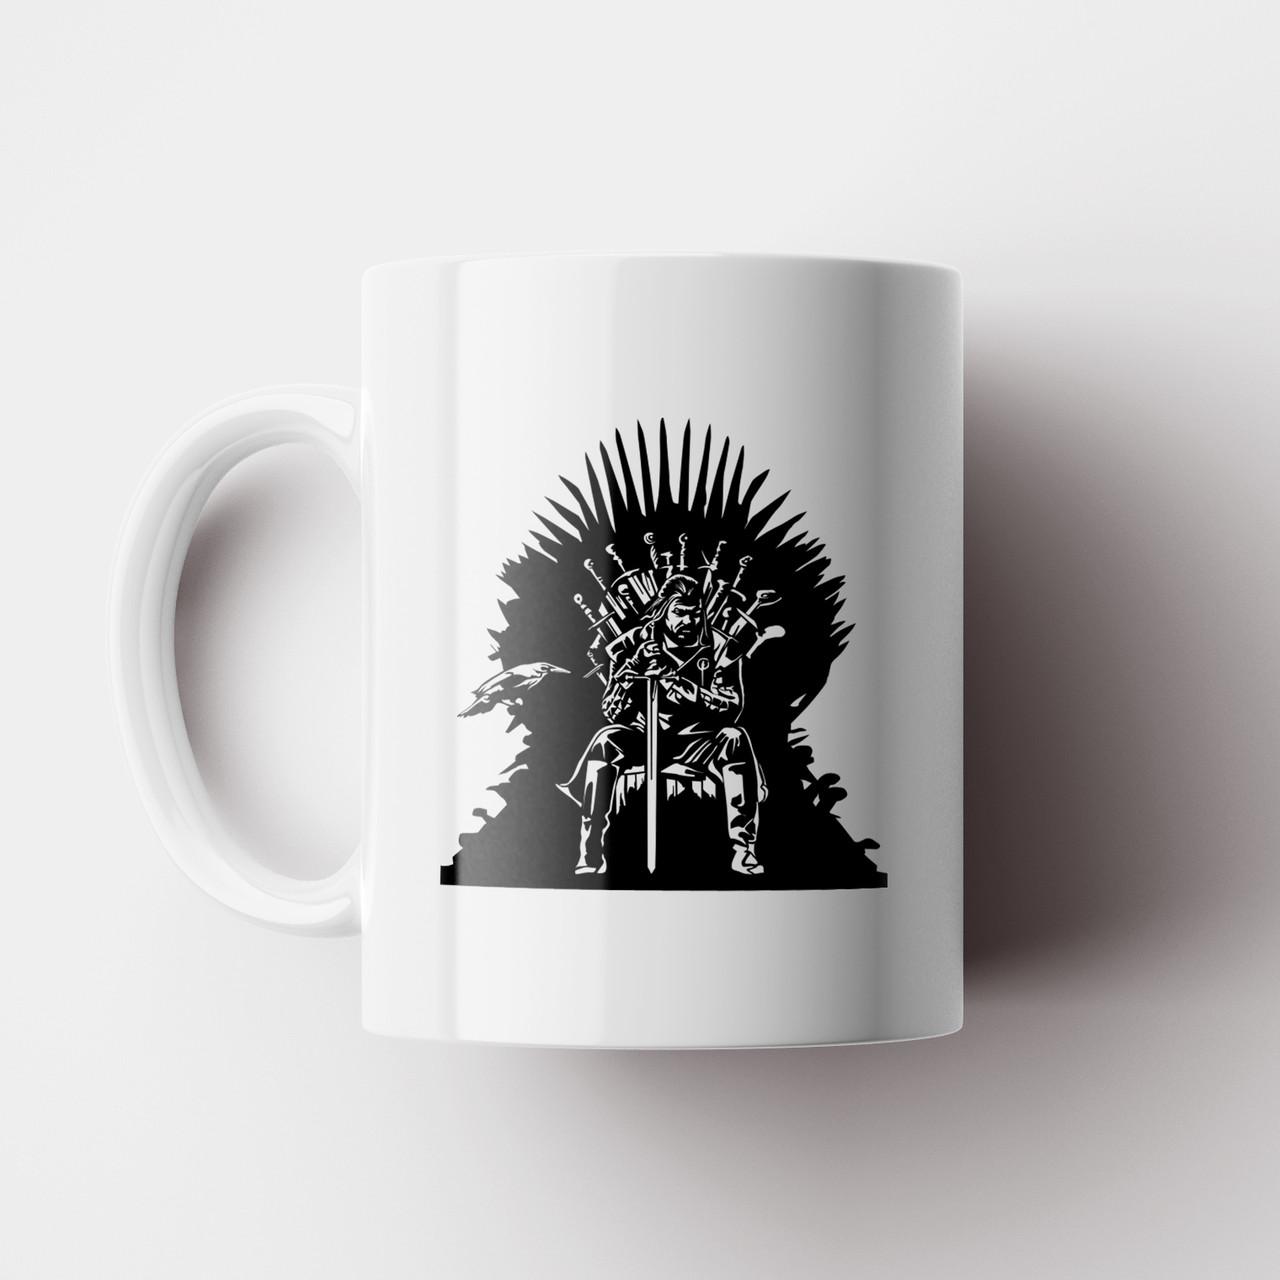 Кружка Игра престолов. Game of Thrones. Чашка с принтом. Чашка с фото